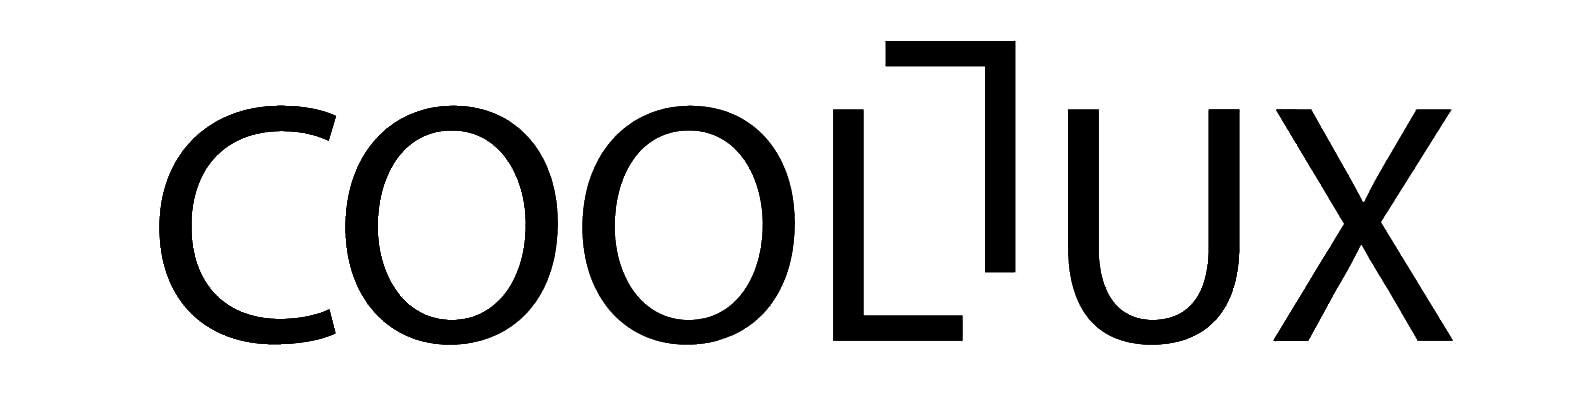 Coollux